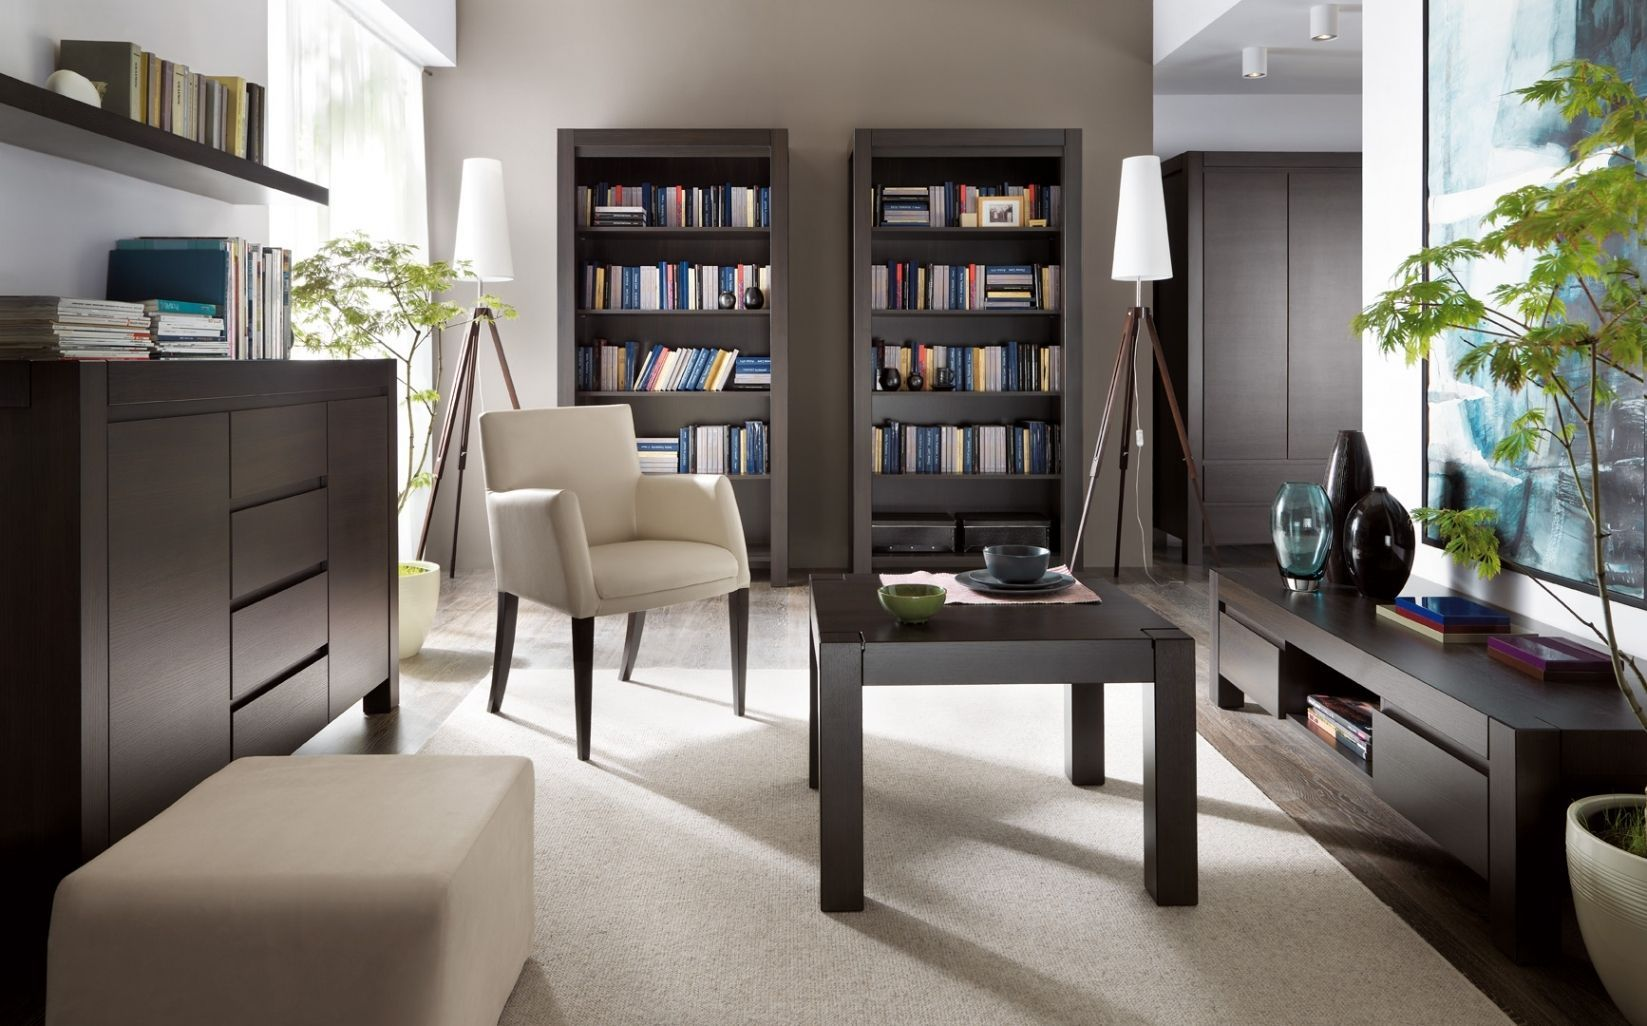 Alte wohndesign bilder dunkle möbel im wohnzimmer  pinterest  exterior design and interiors